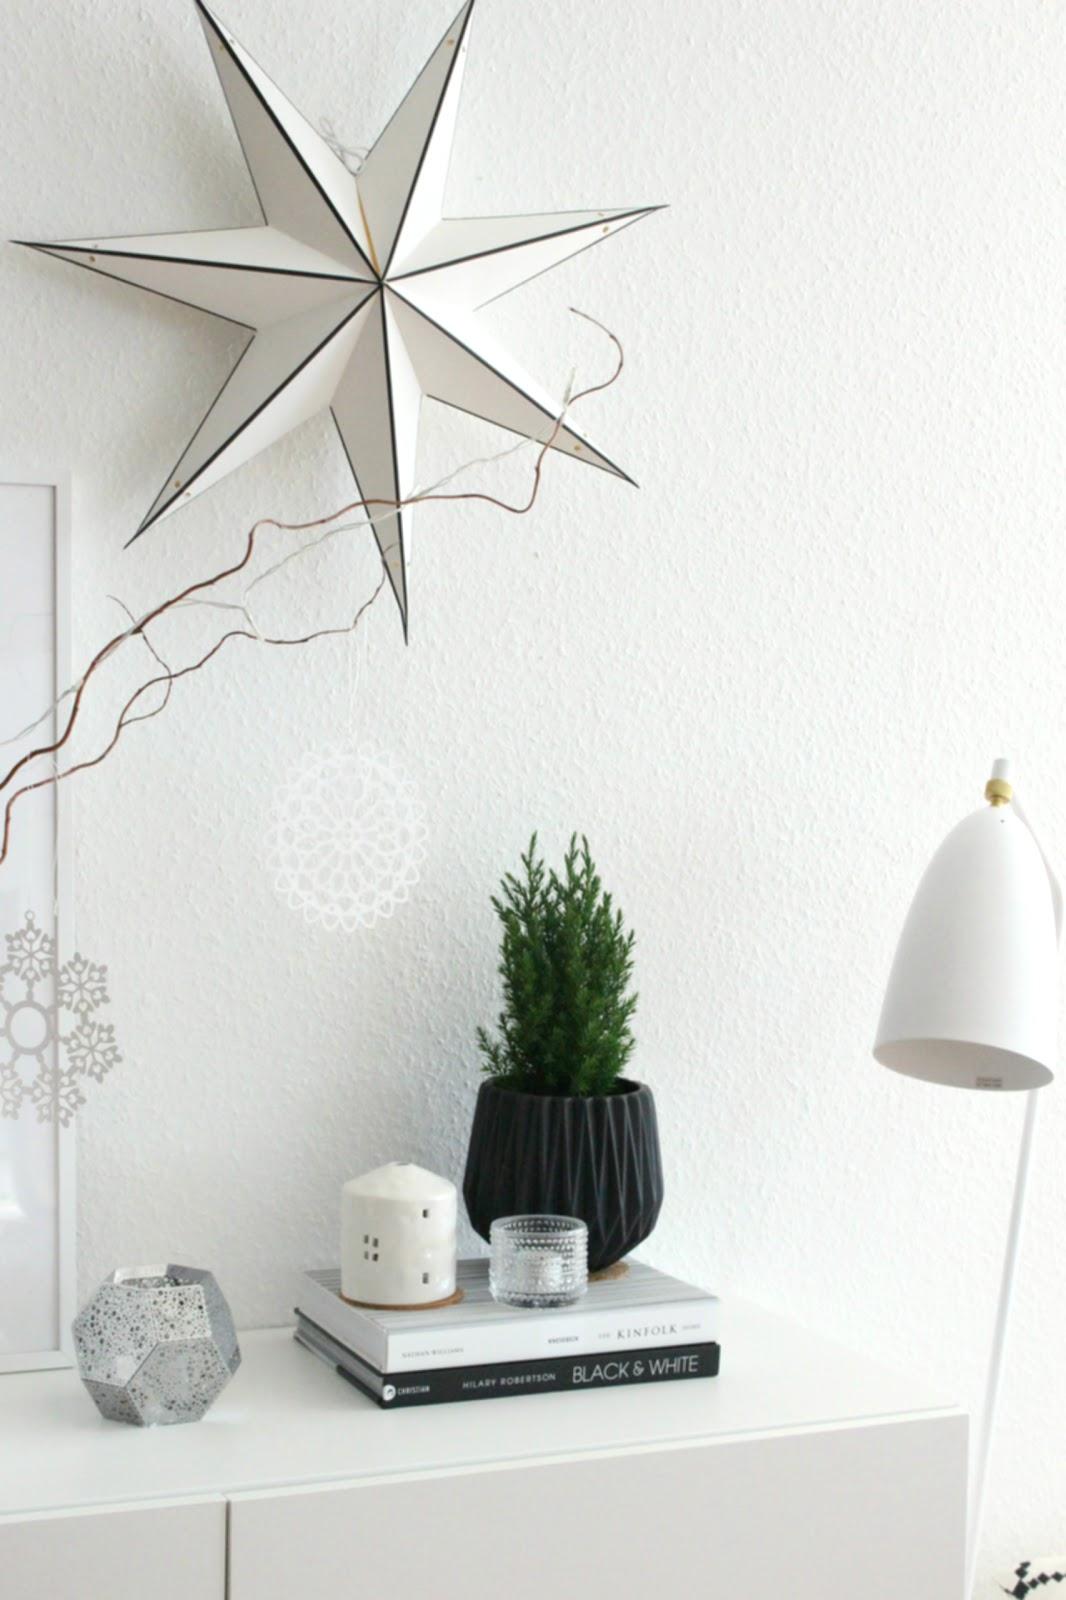 Weihnachtsdeko Neuheiten.Interior Wohn Neuheiten Und Weihnachtsrückblick Aus Dem Wohnzimmer